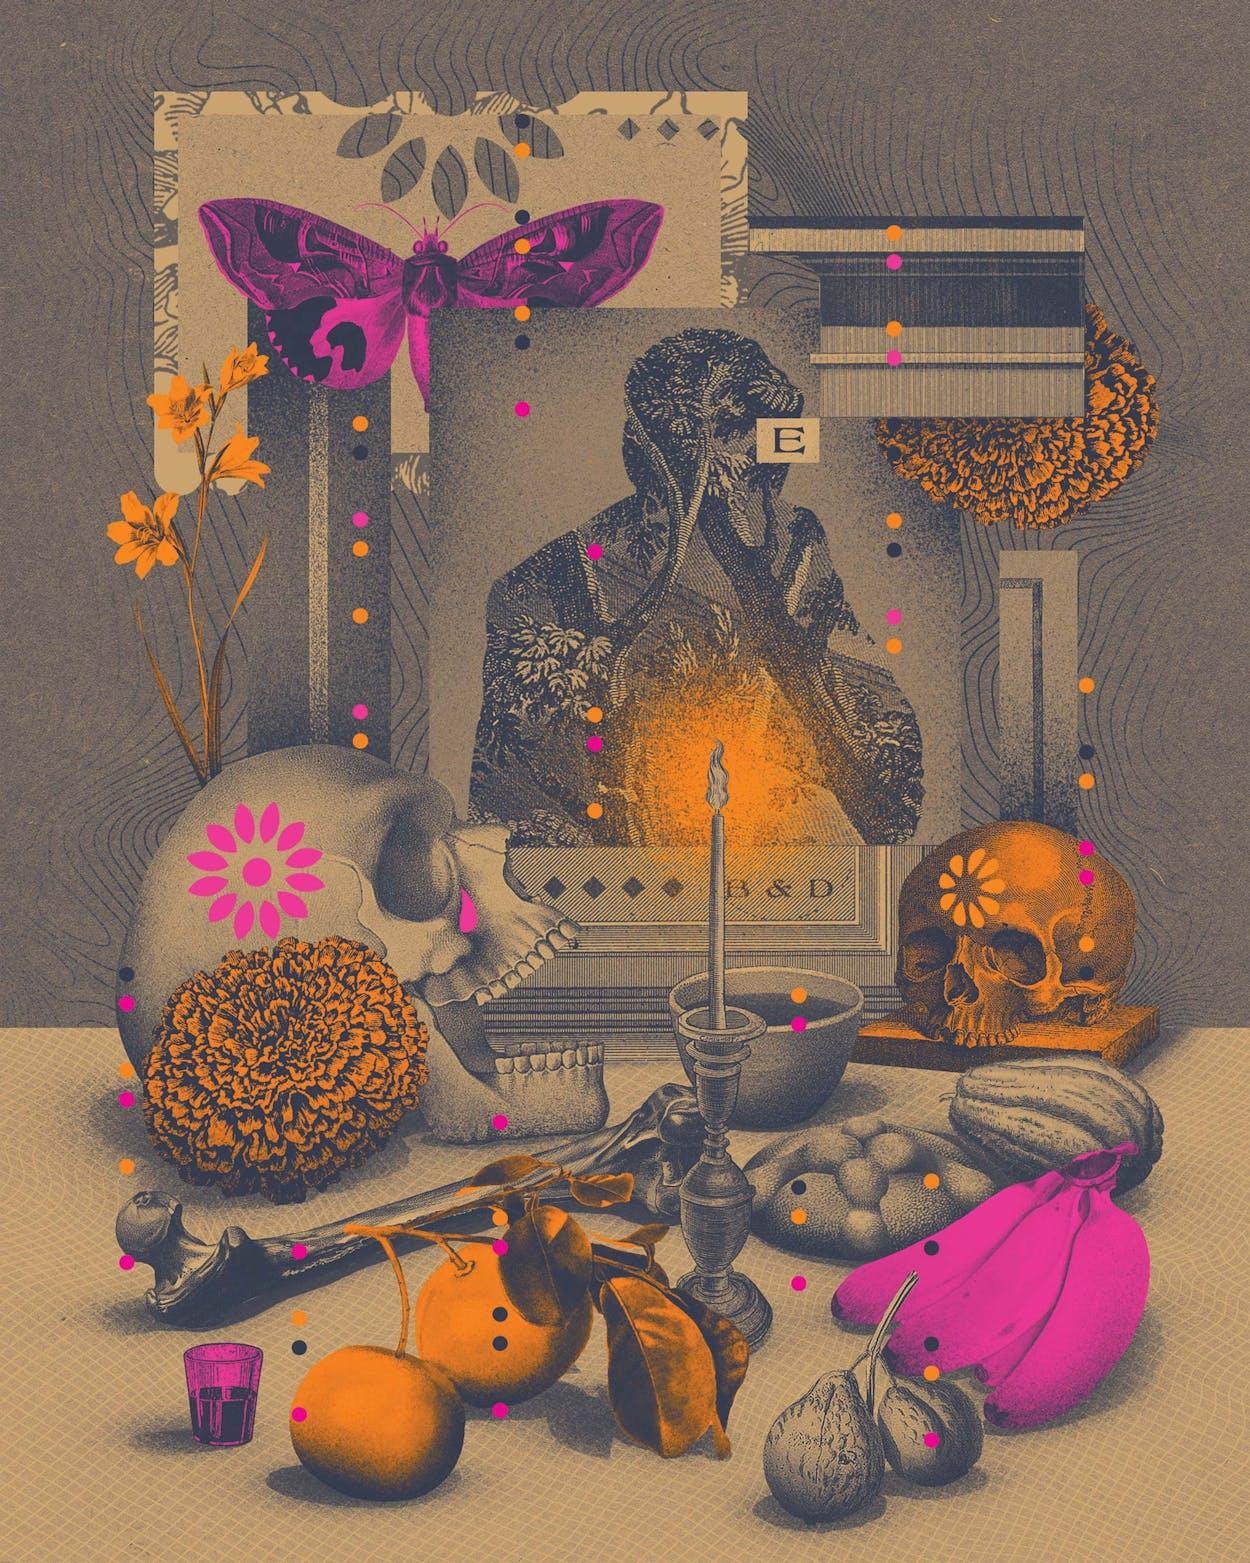 dia-de-los-muerto-altar1